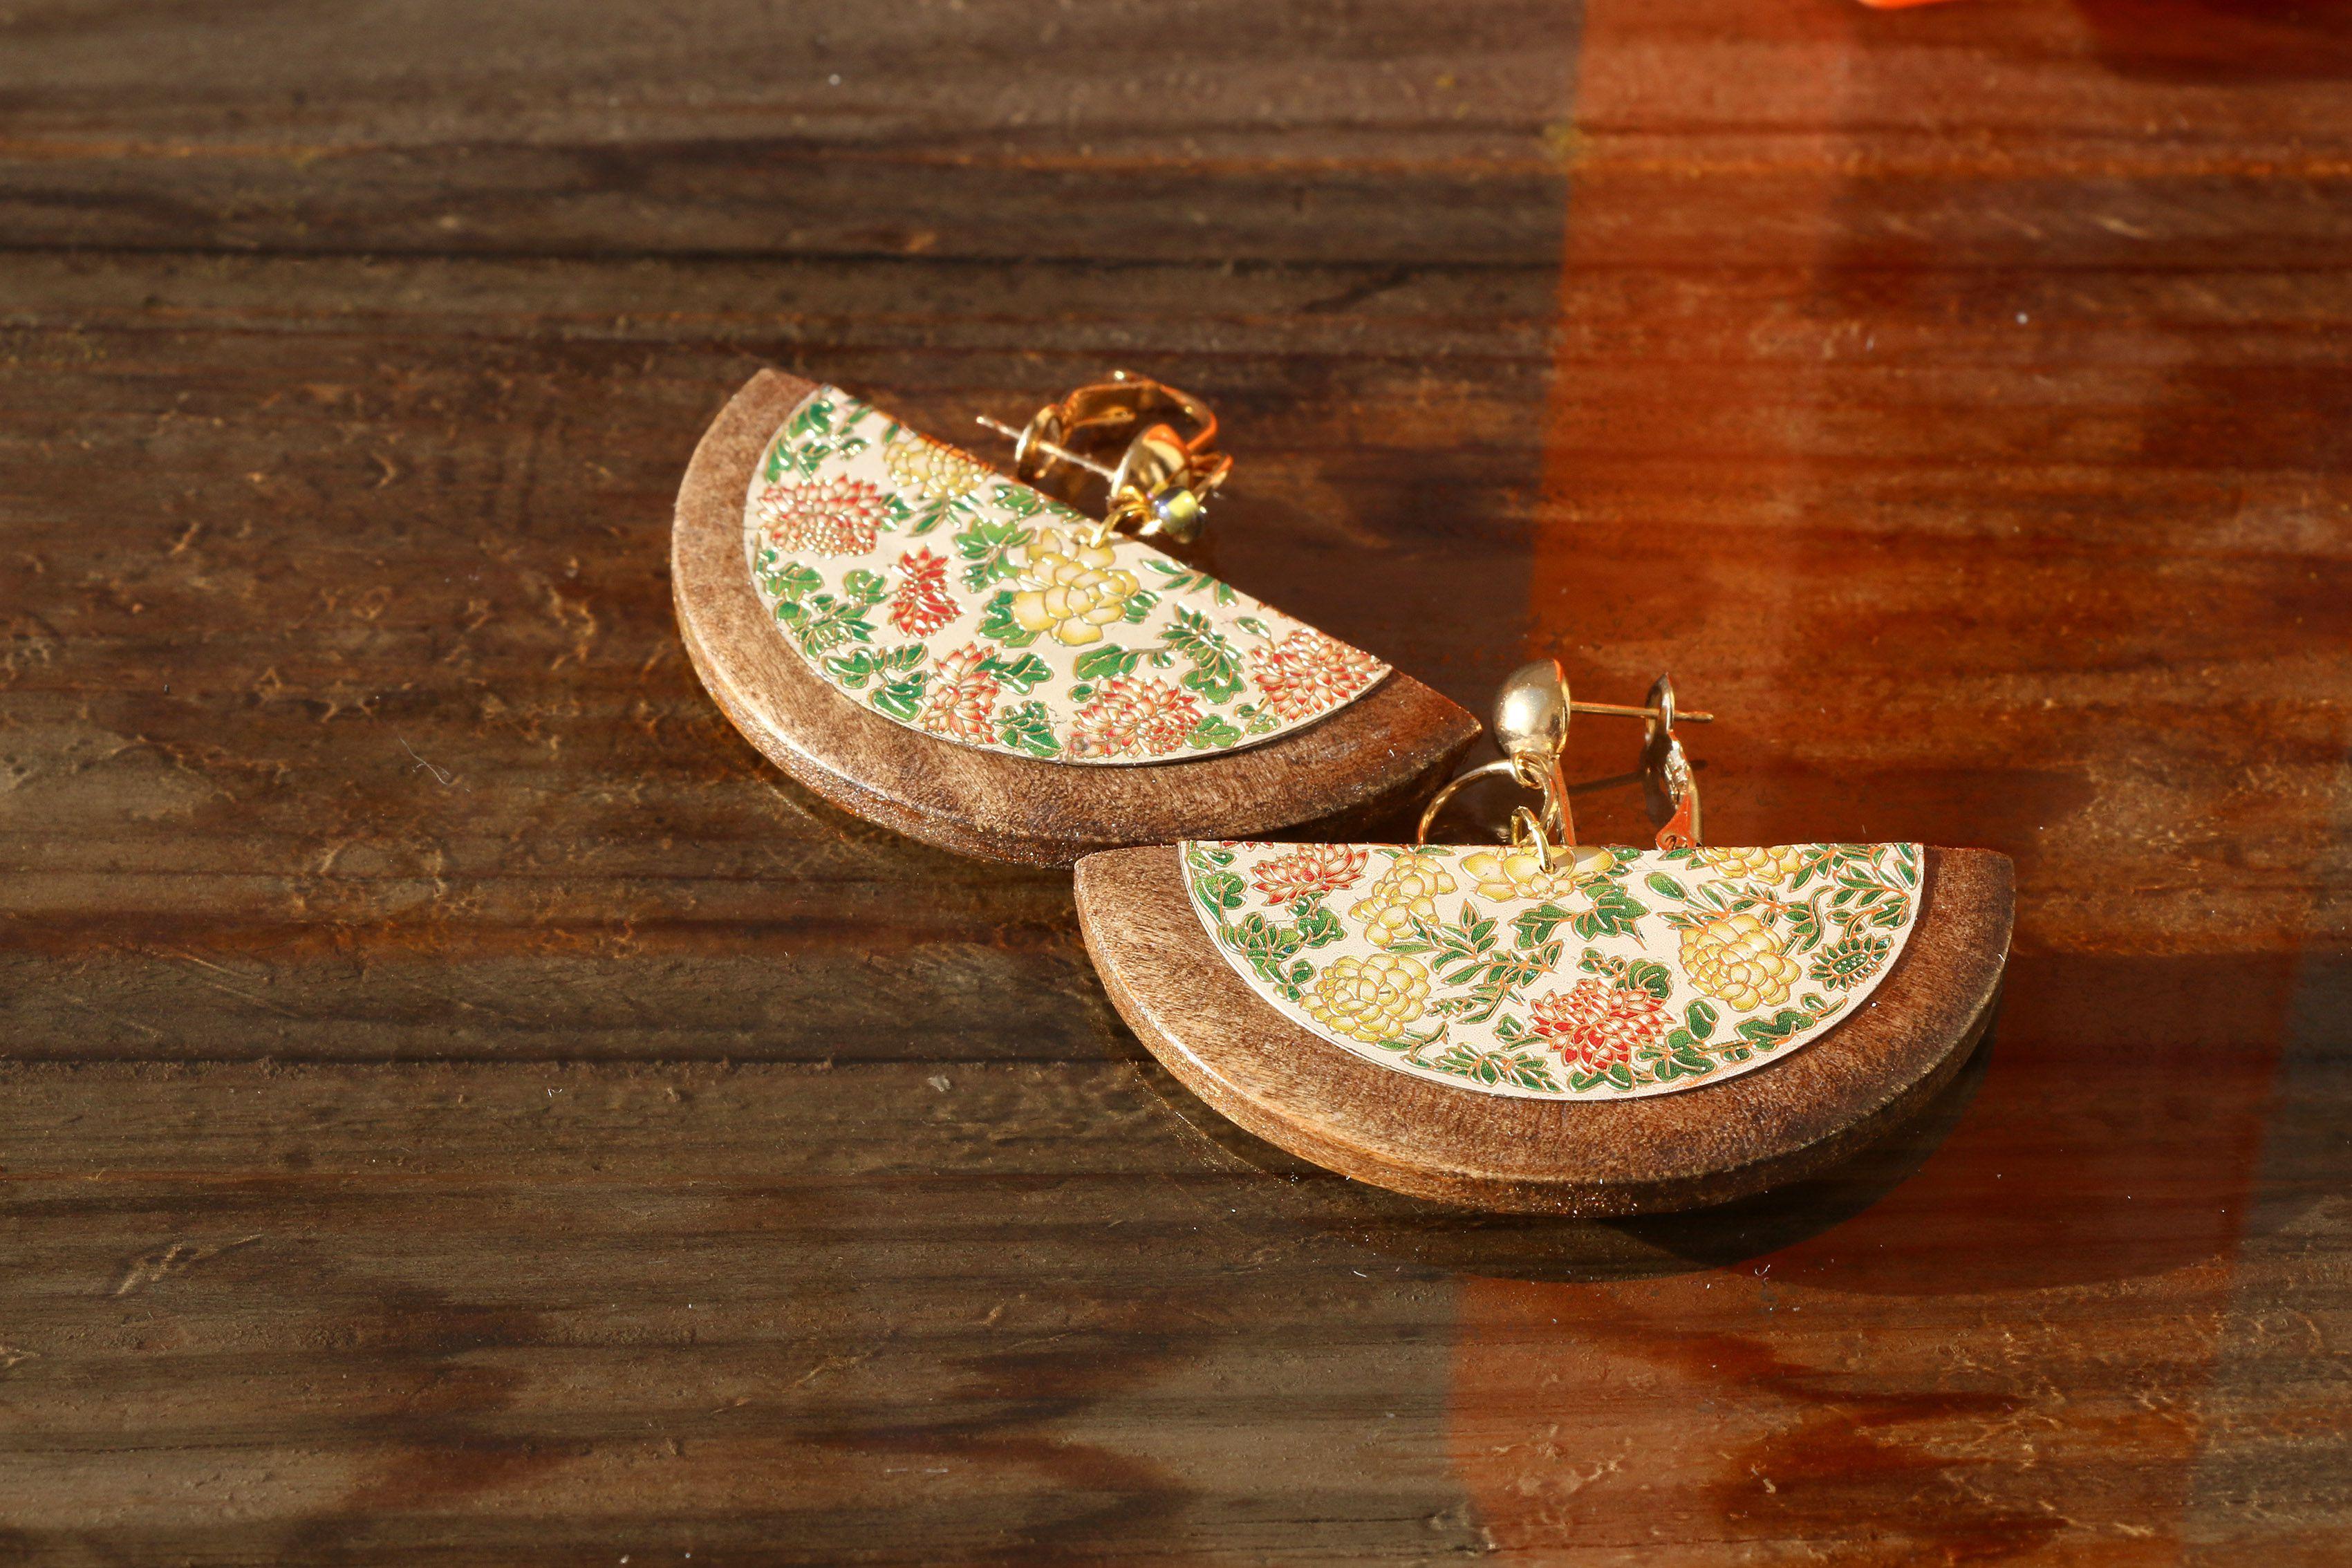 колье зеленый этнический золотистый серьги бохо кистью китайский кисть шинуазри орнамент крупные кирпичный цветы натуральные